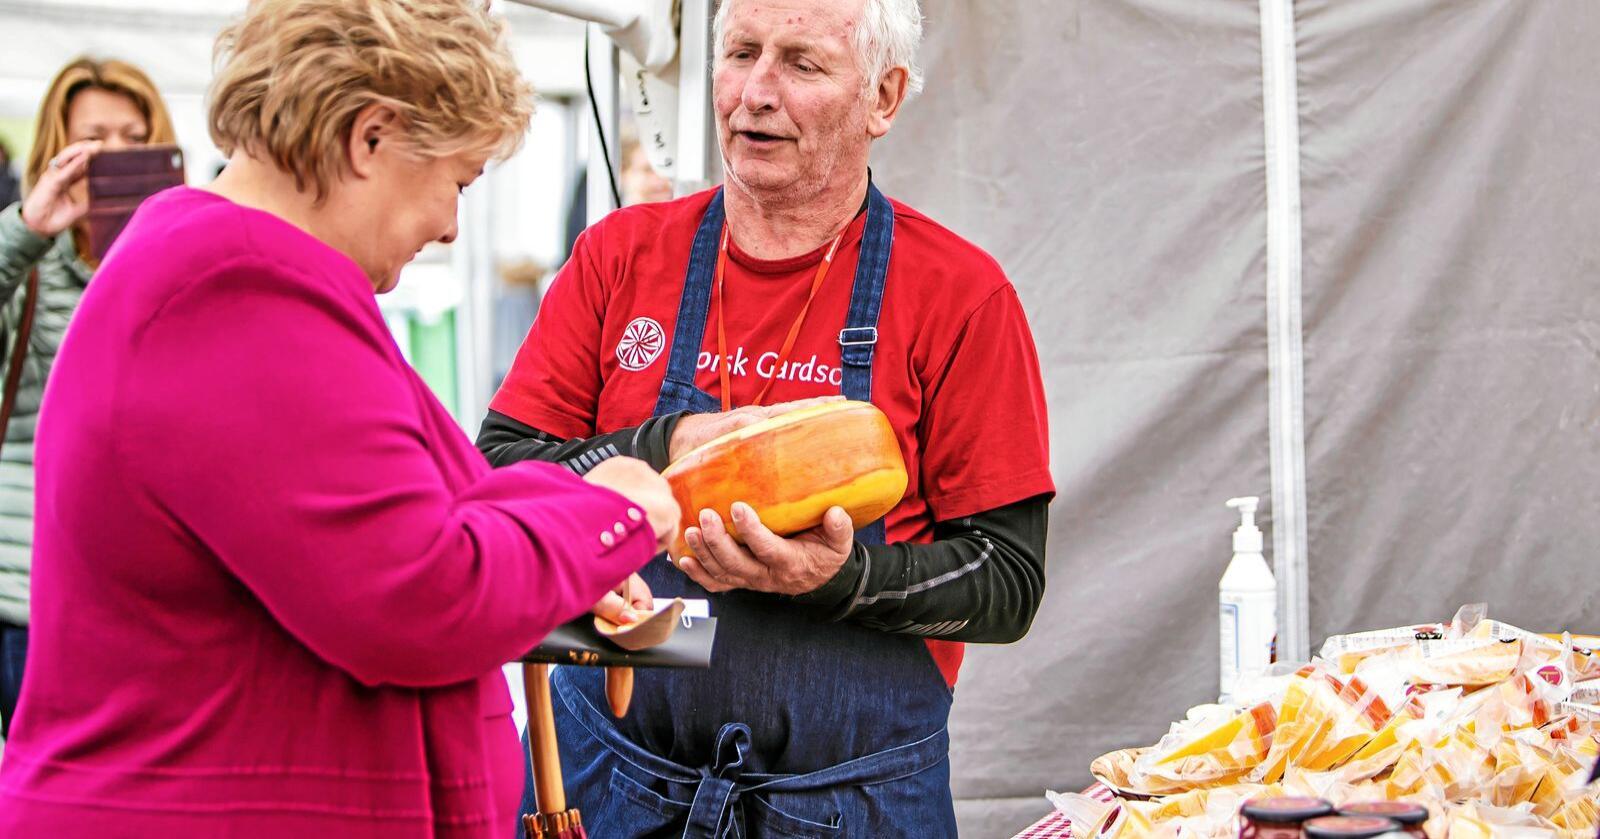 Statsminister Erna Solberg tok også turen innom Bergen matfestival i 2020, selv om den ikke ble arragert på festningsomrdået. Foto: Tove Lise Mossestad/ Matarena